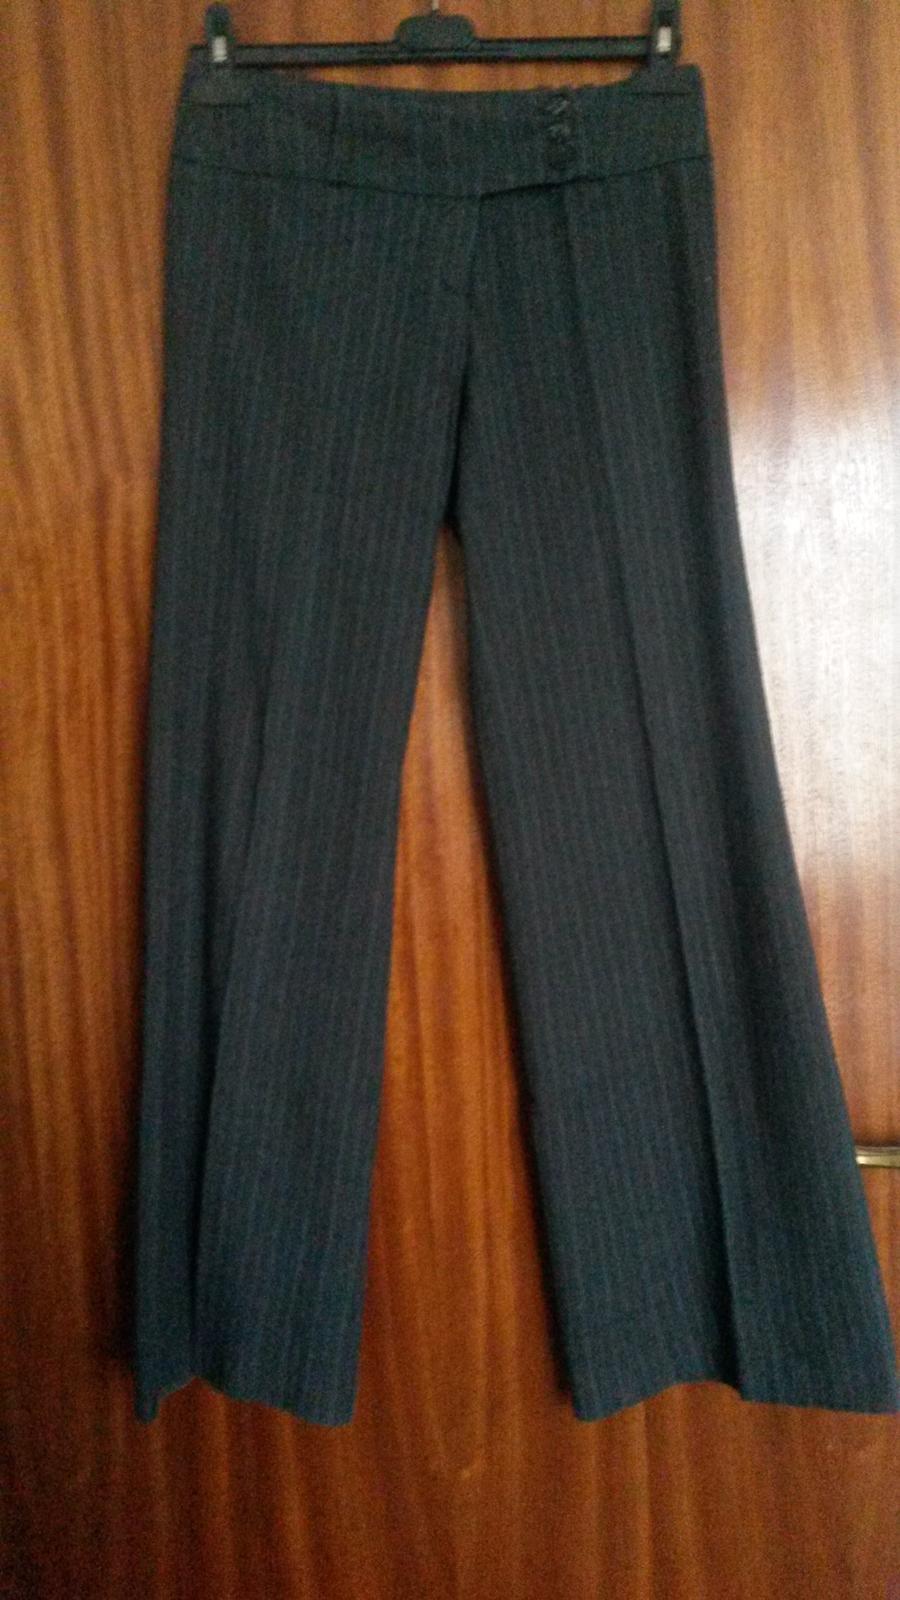 Šedé hrubšie nohavice - Obrázok č. 1